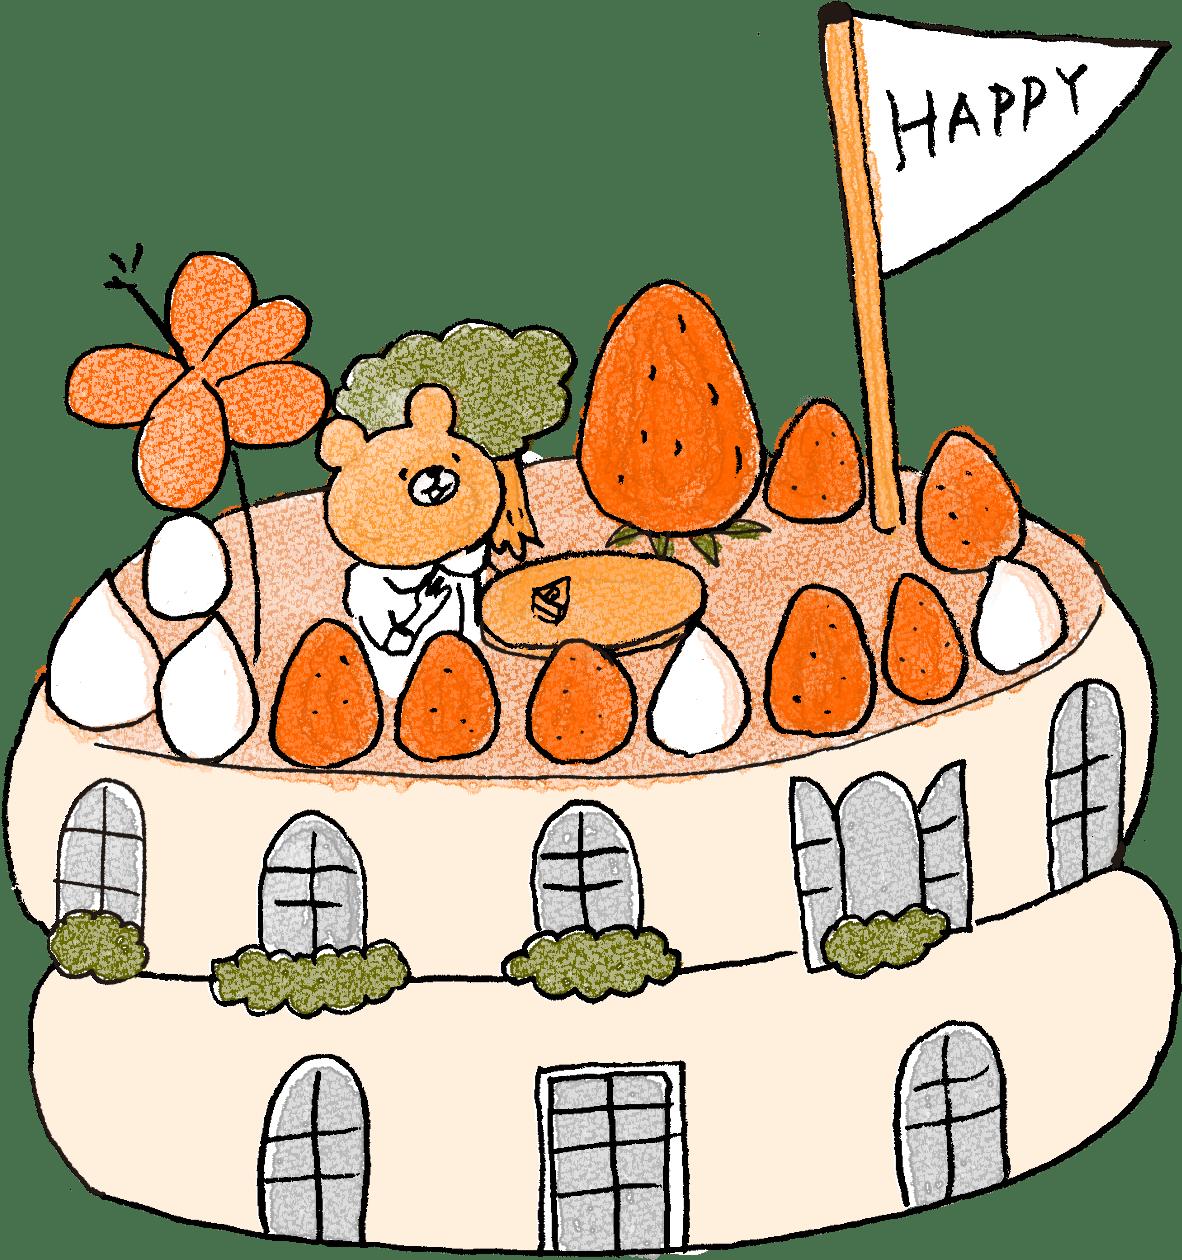 ケーキ・HAPPY・家・スイーツ・テーマパーク:子供(女の子向け)のフォトブックスタンプ素材